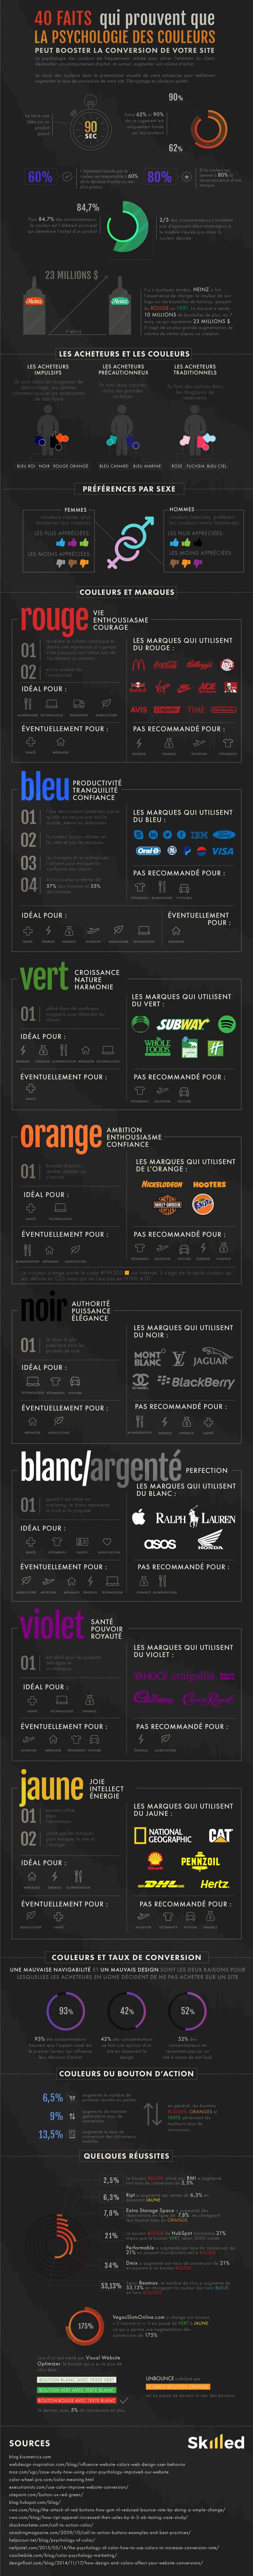 Infographie: couleurs et conversions, existe-t-il un lien?